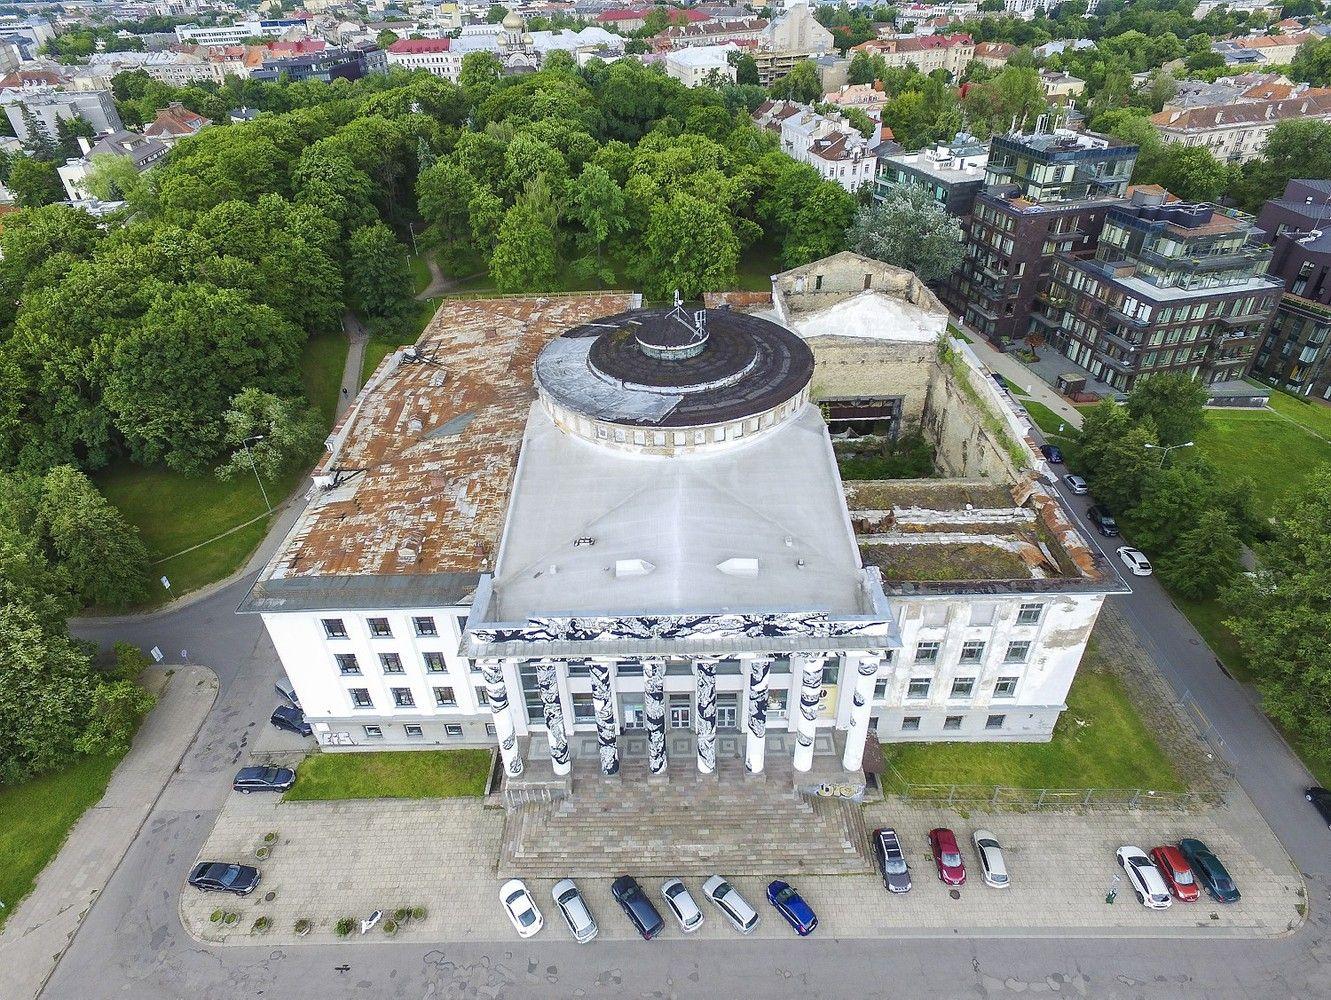 Vilniaus Profsąjungų rūmai bus parduodami varžytynėse